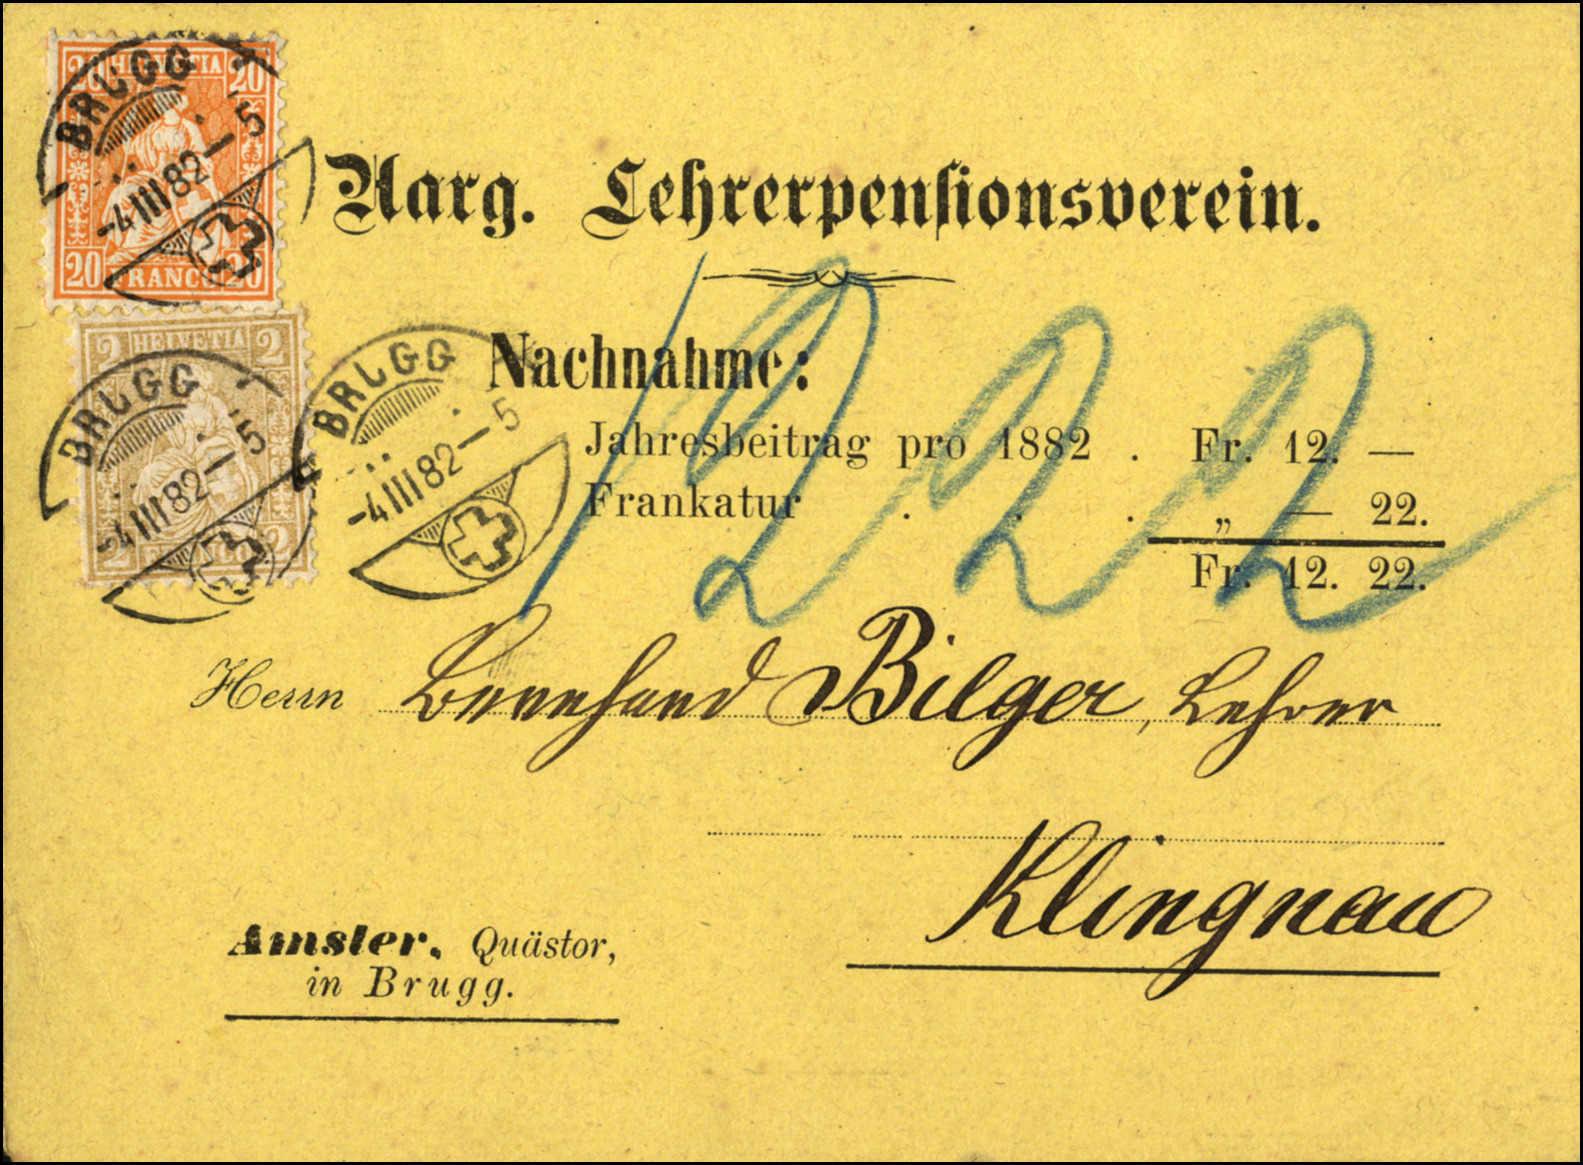 Lot 108 - schweiz Schweiz Sitzende Helvetia gezähnt -  Rolli Auctions Auction #68 Day 1